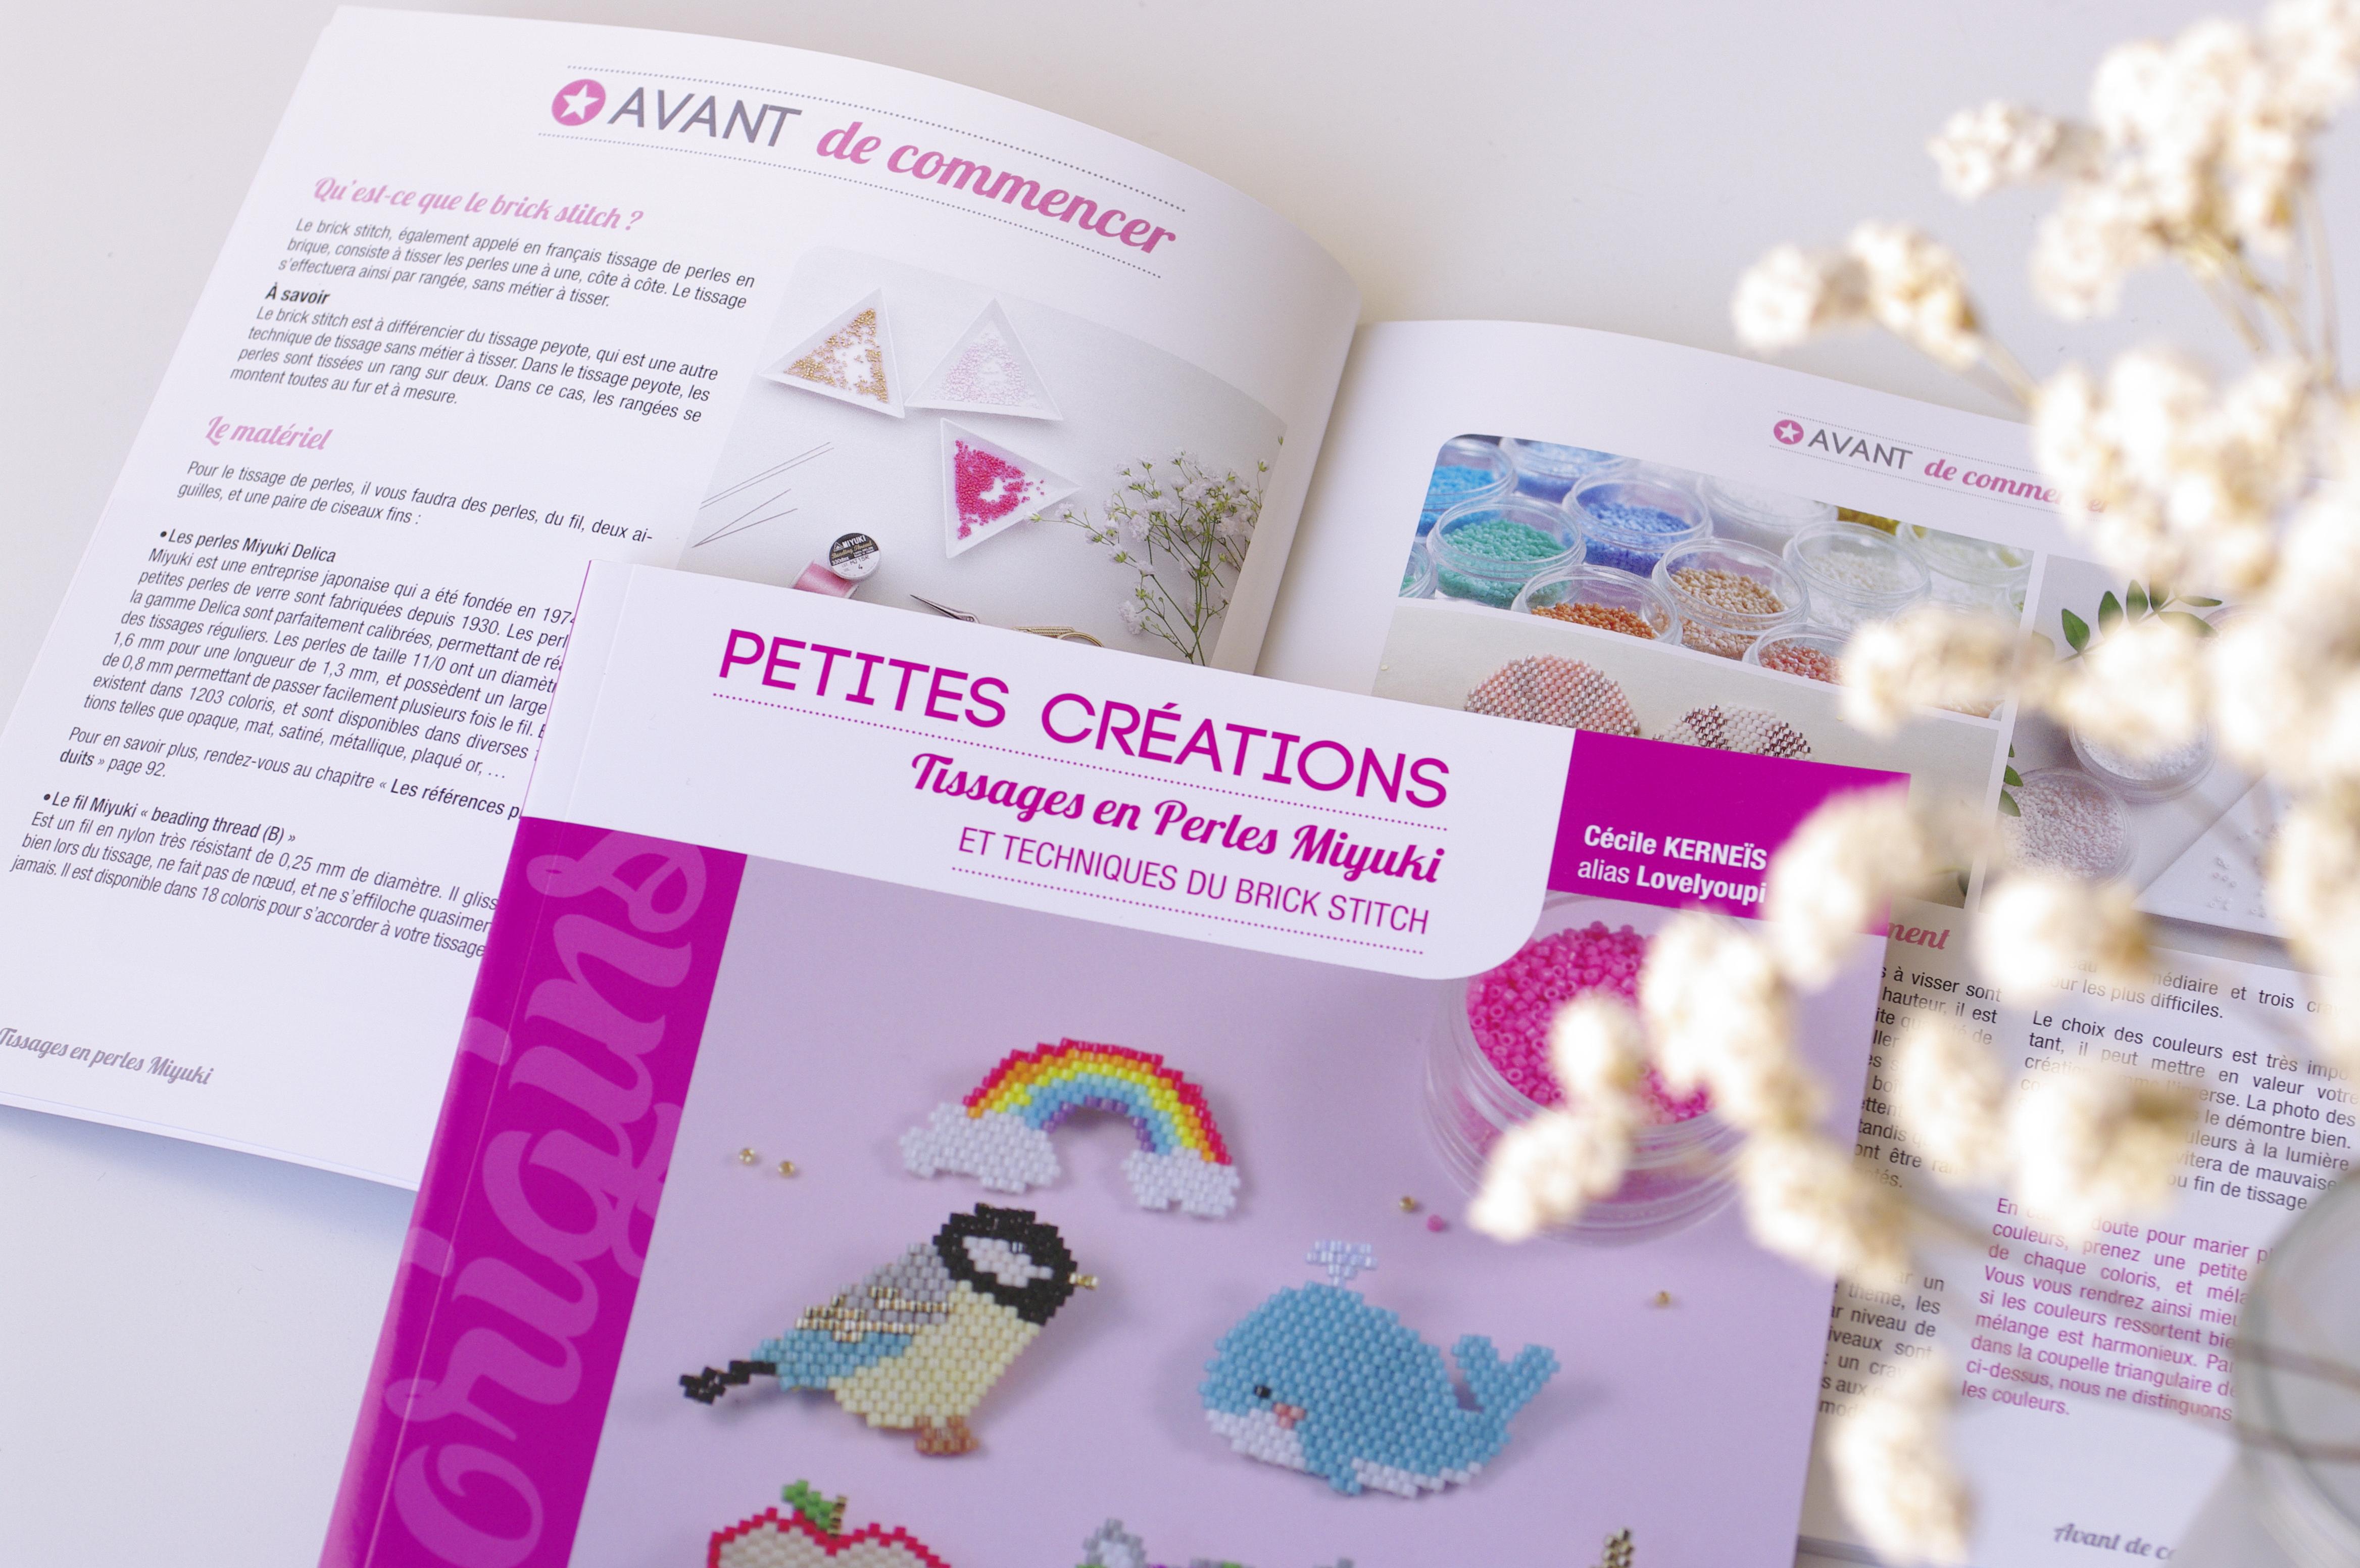 Petites créations : tissages en perles Miyuki